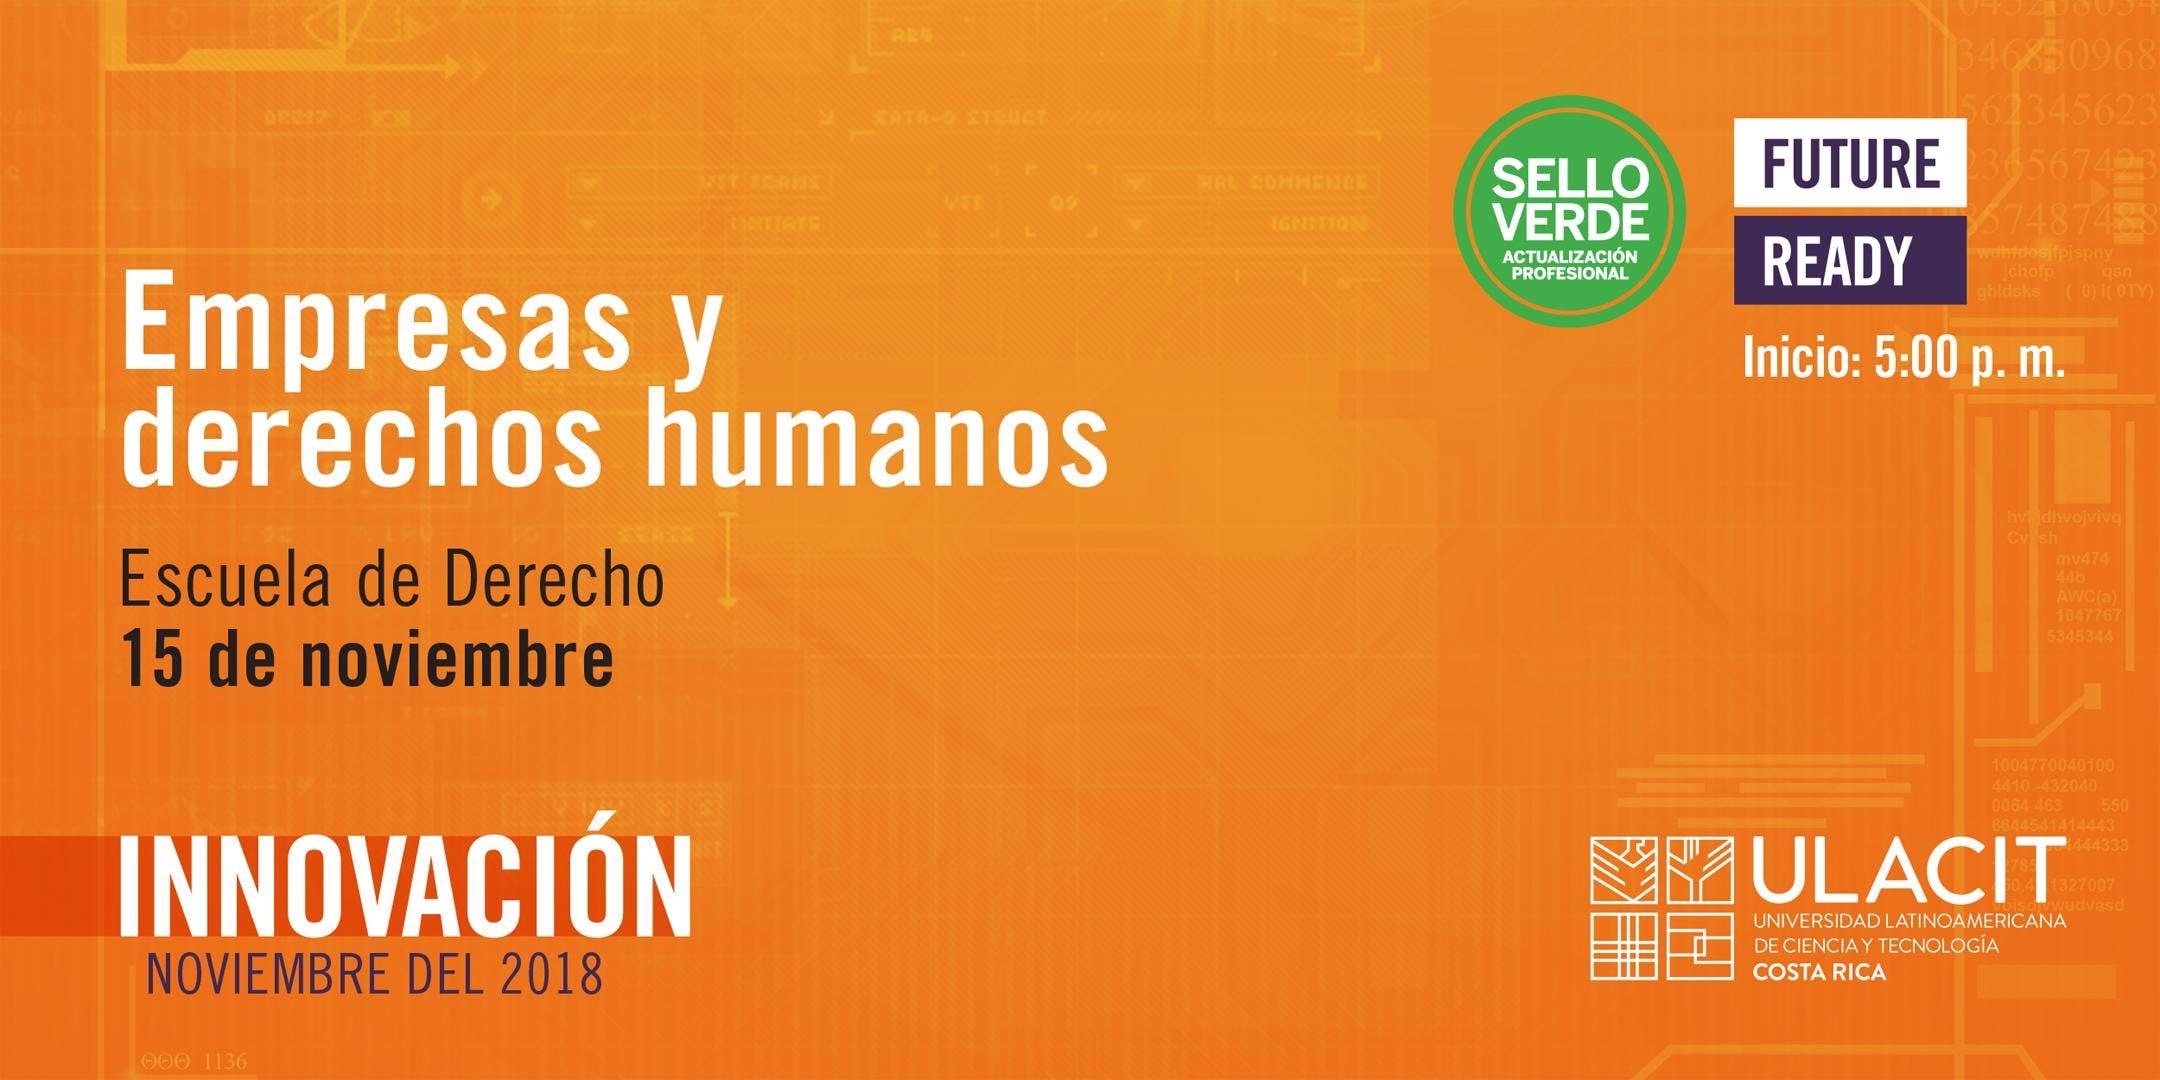 Sello verde: Empresas y Derechos Humanos